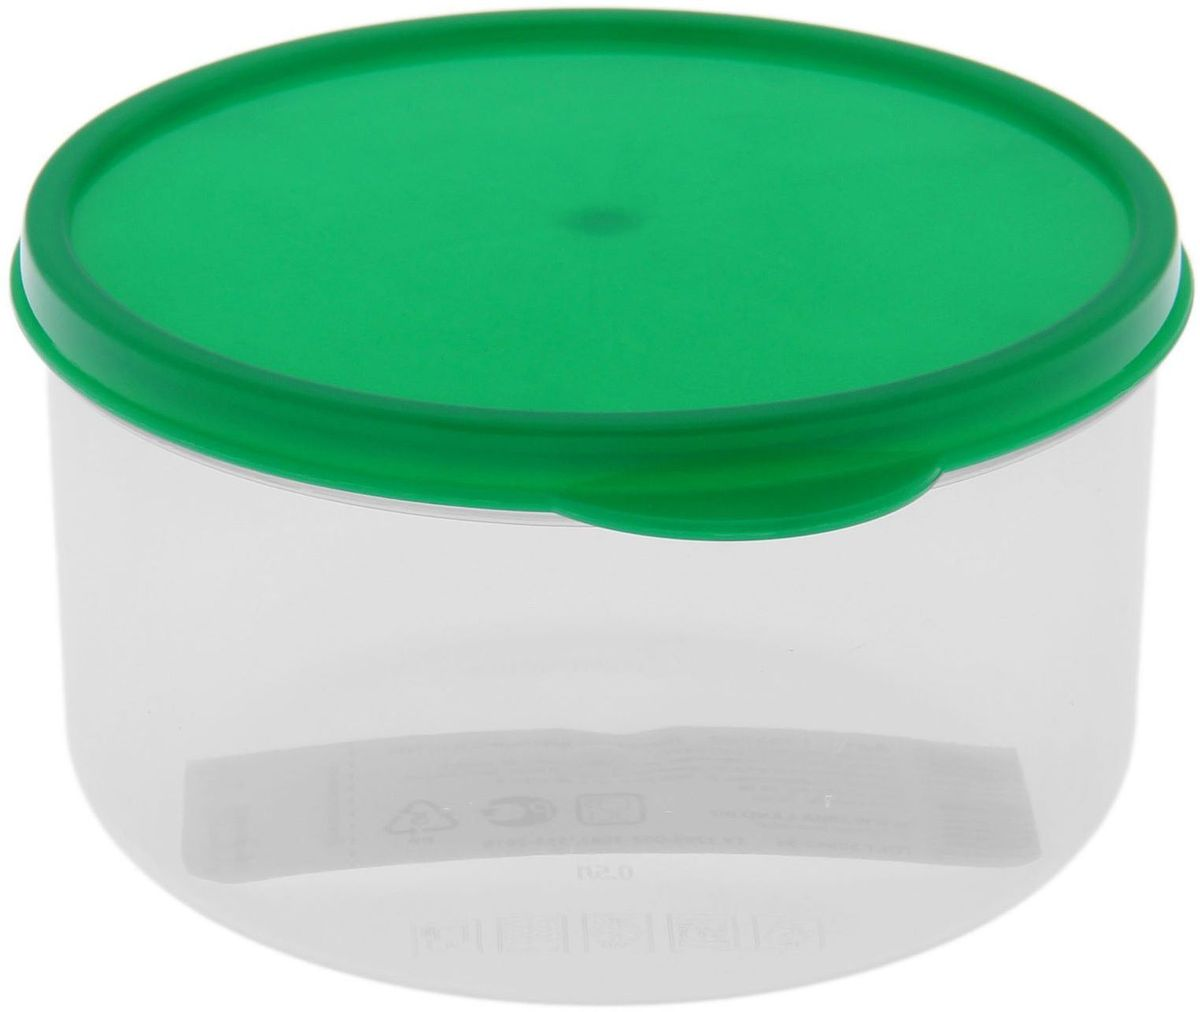 Контейнер пищевой Доляна, круглый, цвет: зеленый, 500 мл1333799Если после вкусного обеда осталась еда, а насладиться трапезой хочется и на следующий день, контейнер станет отличным решением данной проблемы!В качестве материала для изготовления используется пластик, что делает процесс ухода за контейнером ещё более эффективным. К контейнеру в комплекте также прилагается крышка подходящего размера, это позволяет плотно и надёжно удерживать запах еды и упрощает процесс транспортировки. Эргономичный дизайн и многофункциональность контейнера Доляна - вот, что является причиной большой популярности данного предмета у каждой хозяйки.